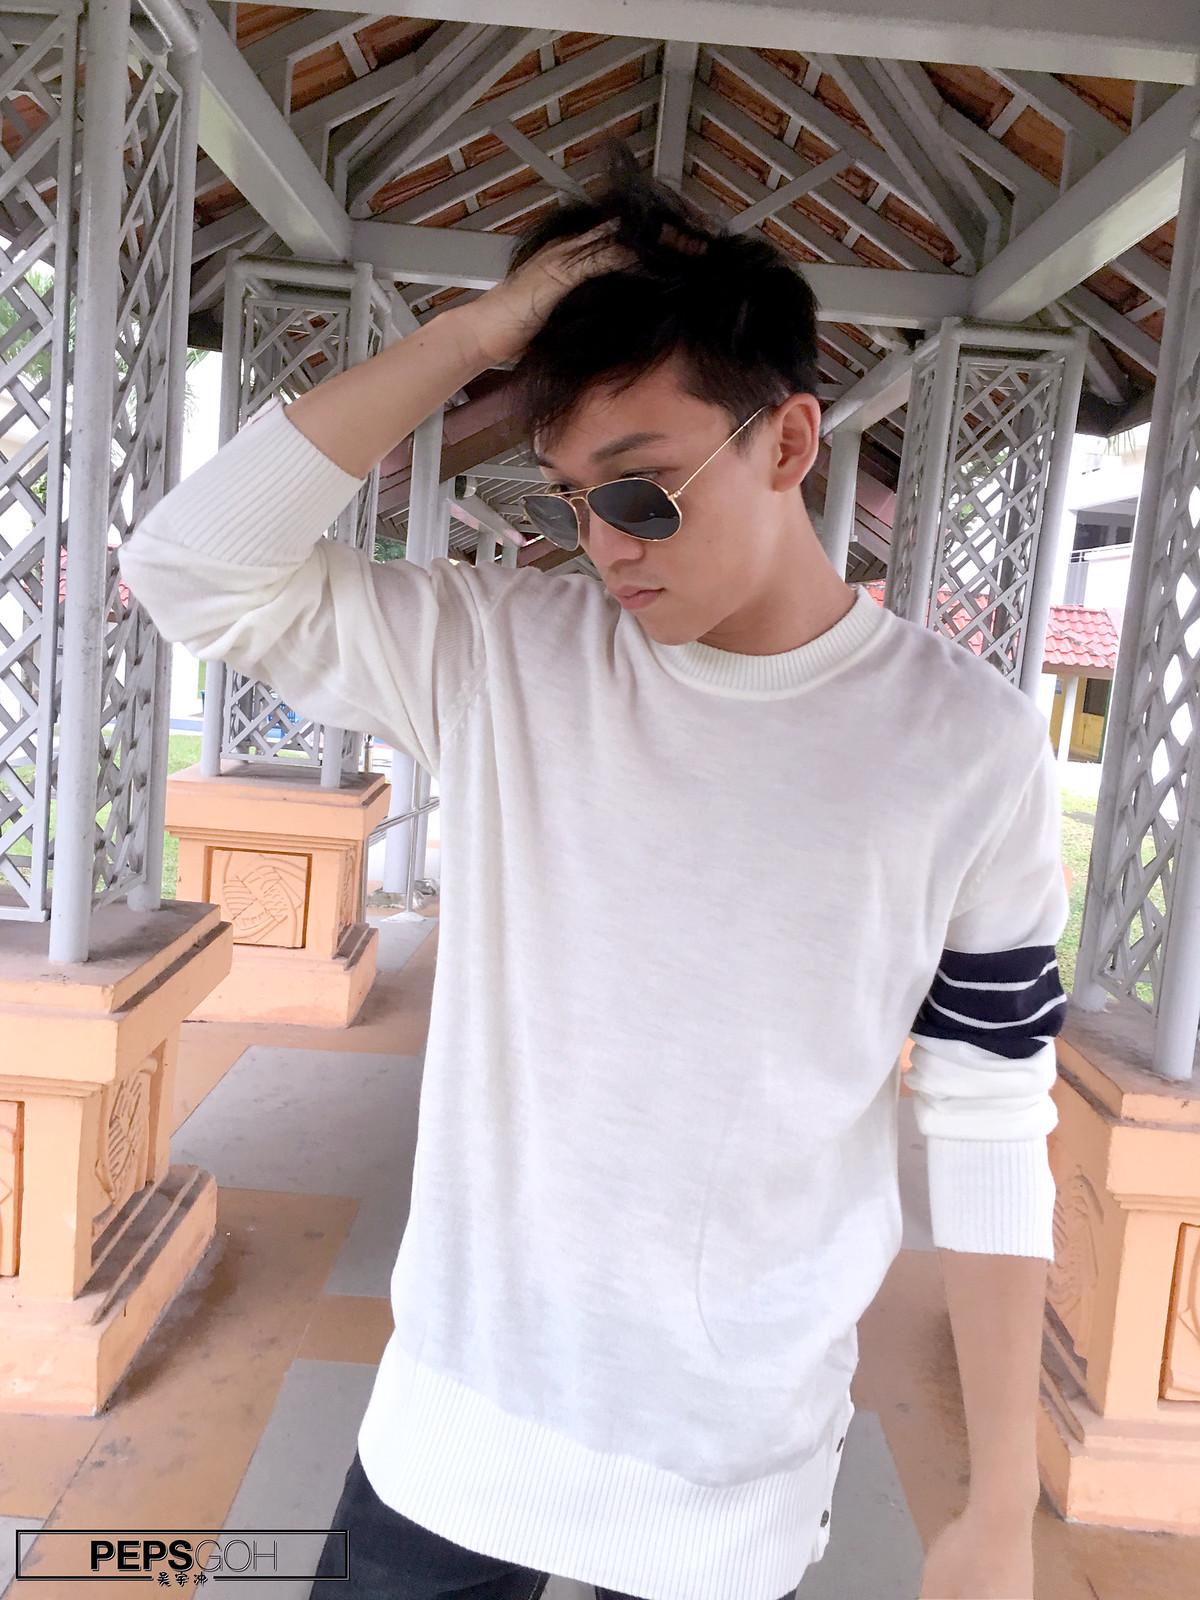 Peps Goh Singapore Rayban Photoshoot